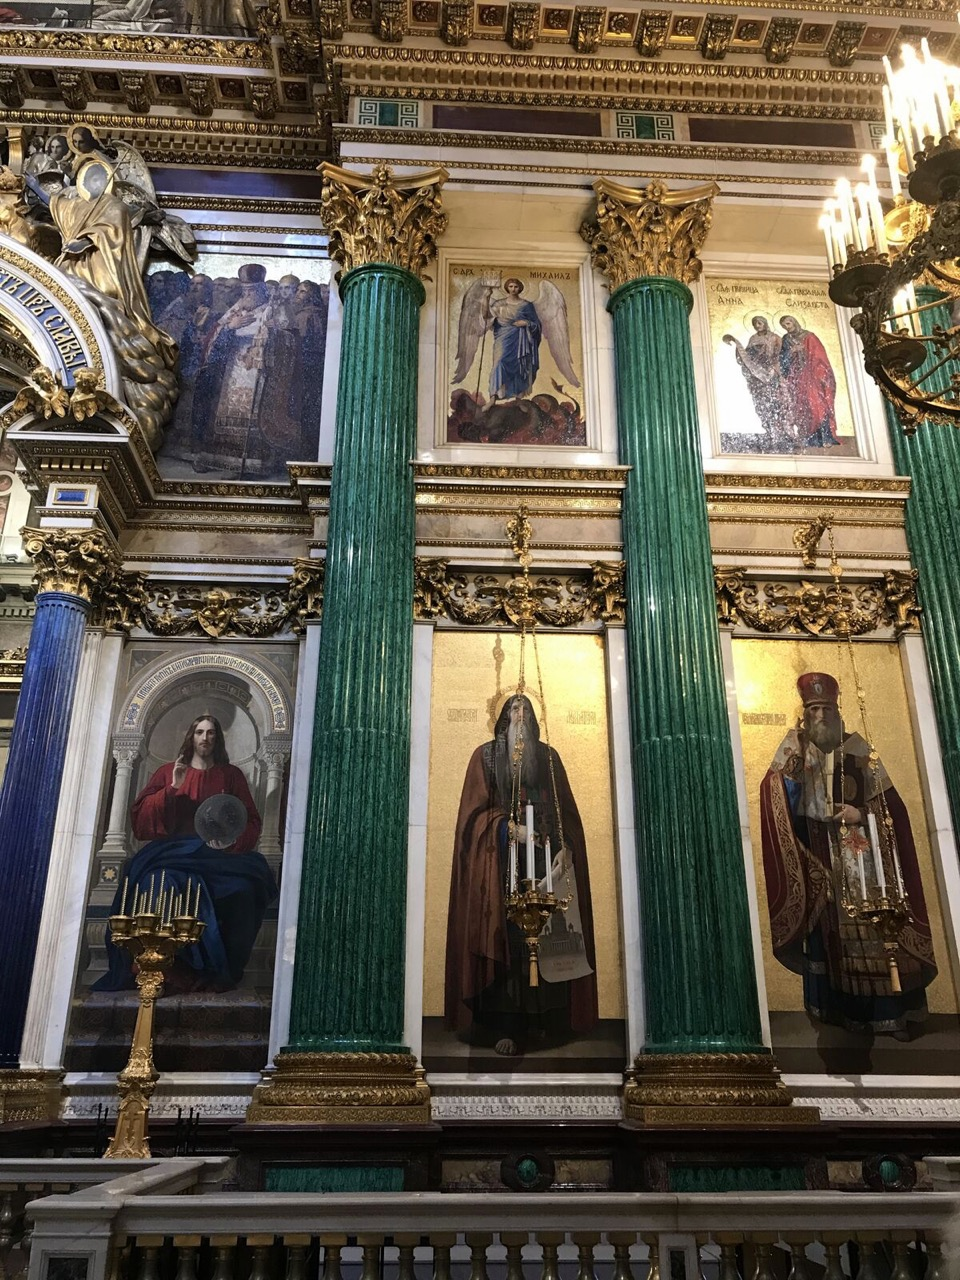 teri_St.Petersburg_St.Isaacs_Churchofspilledblood_travel_spiritedtable_photo20.jpg